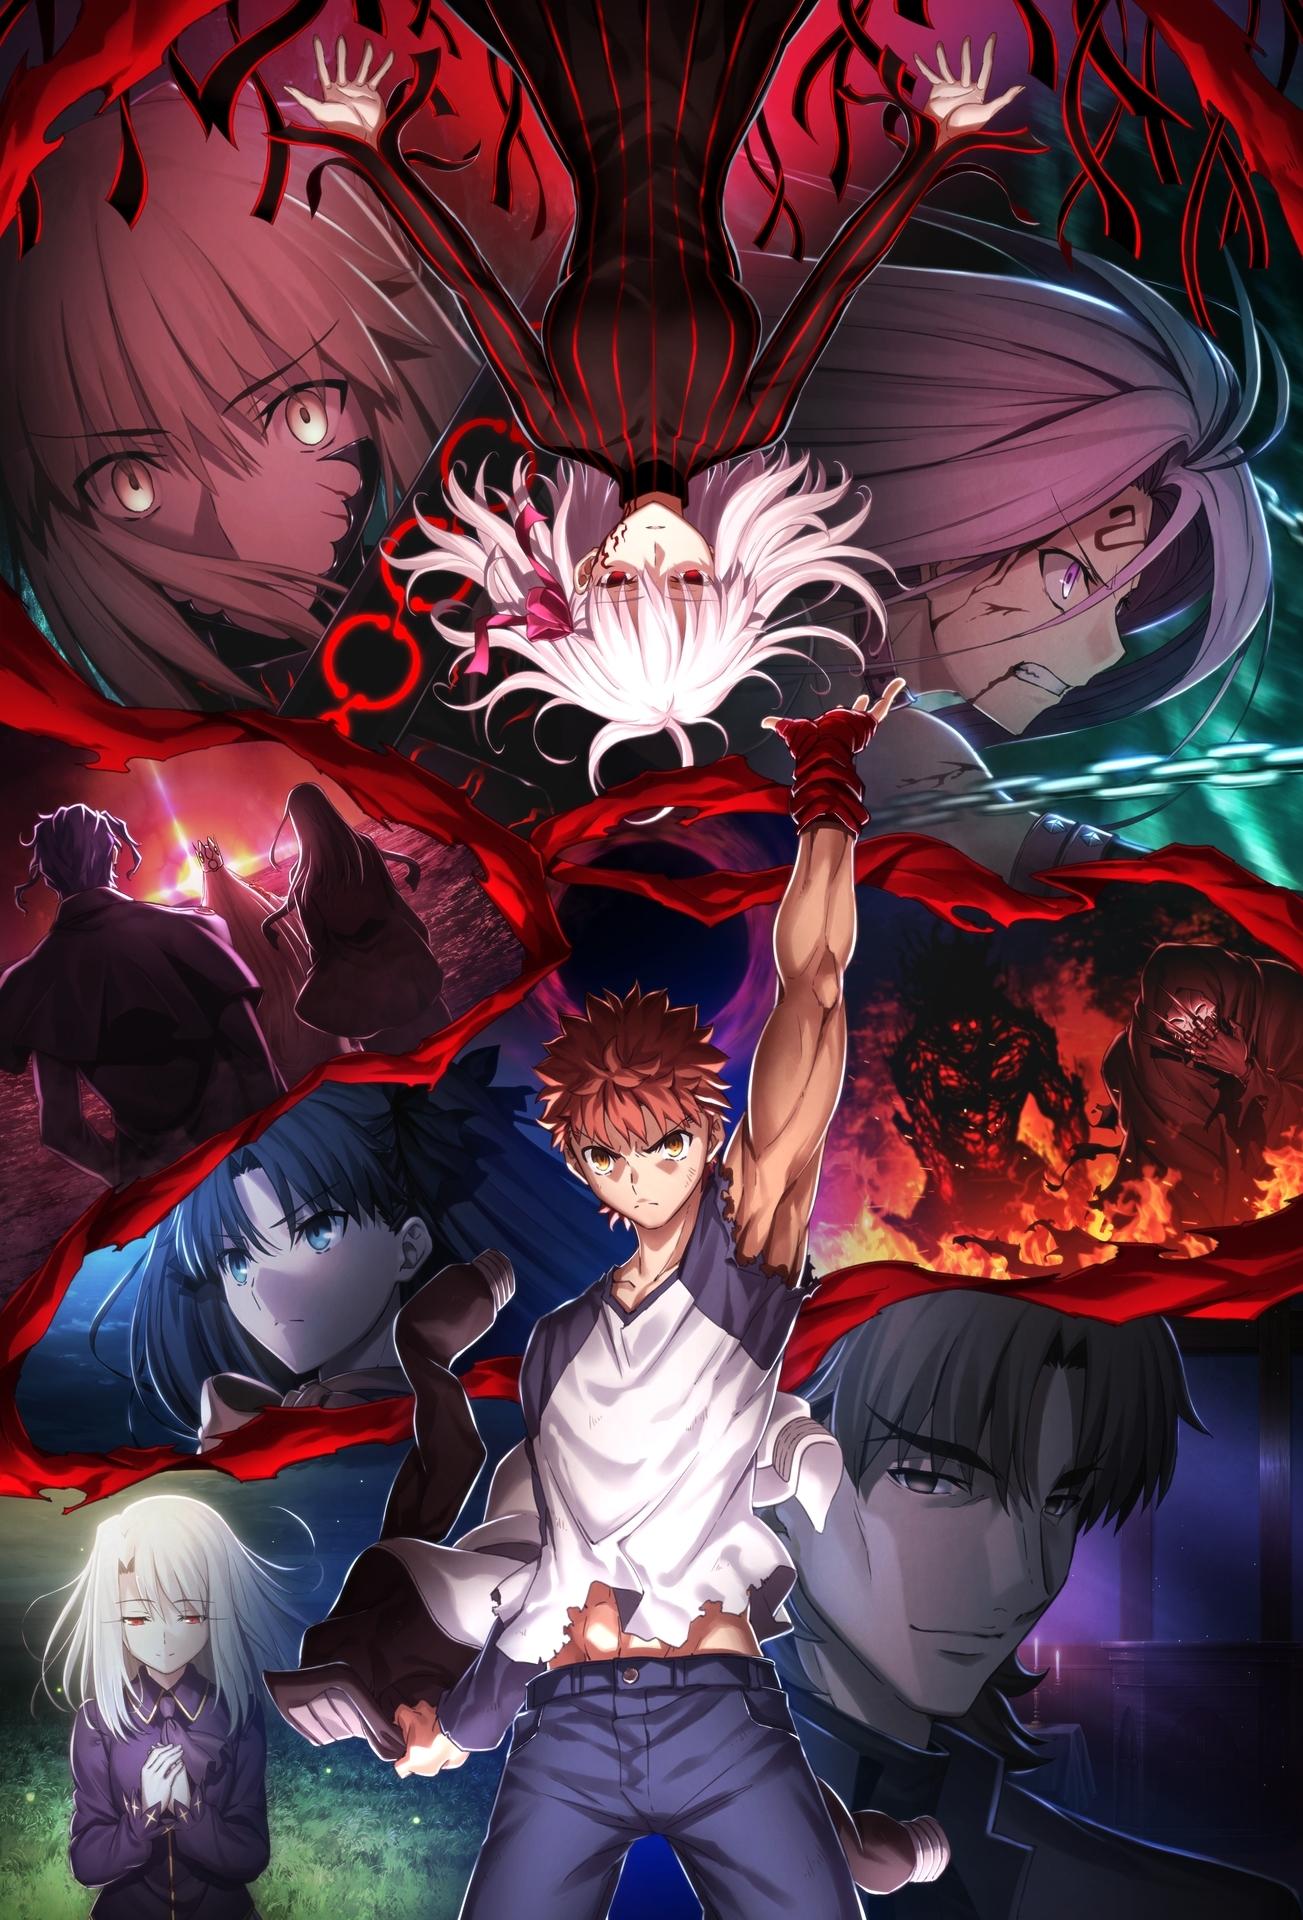 劇場版『Fate/stay night [Heaven's Feel]』Ⅲ.spring song キービジュアル